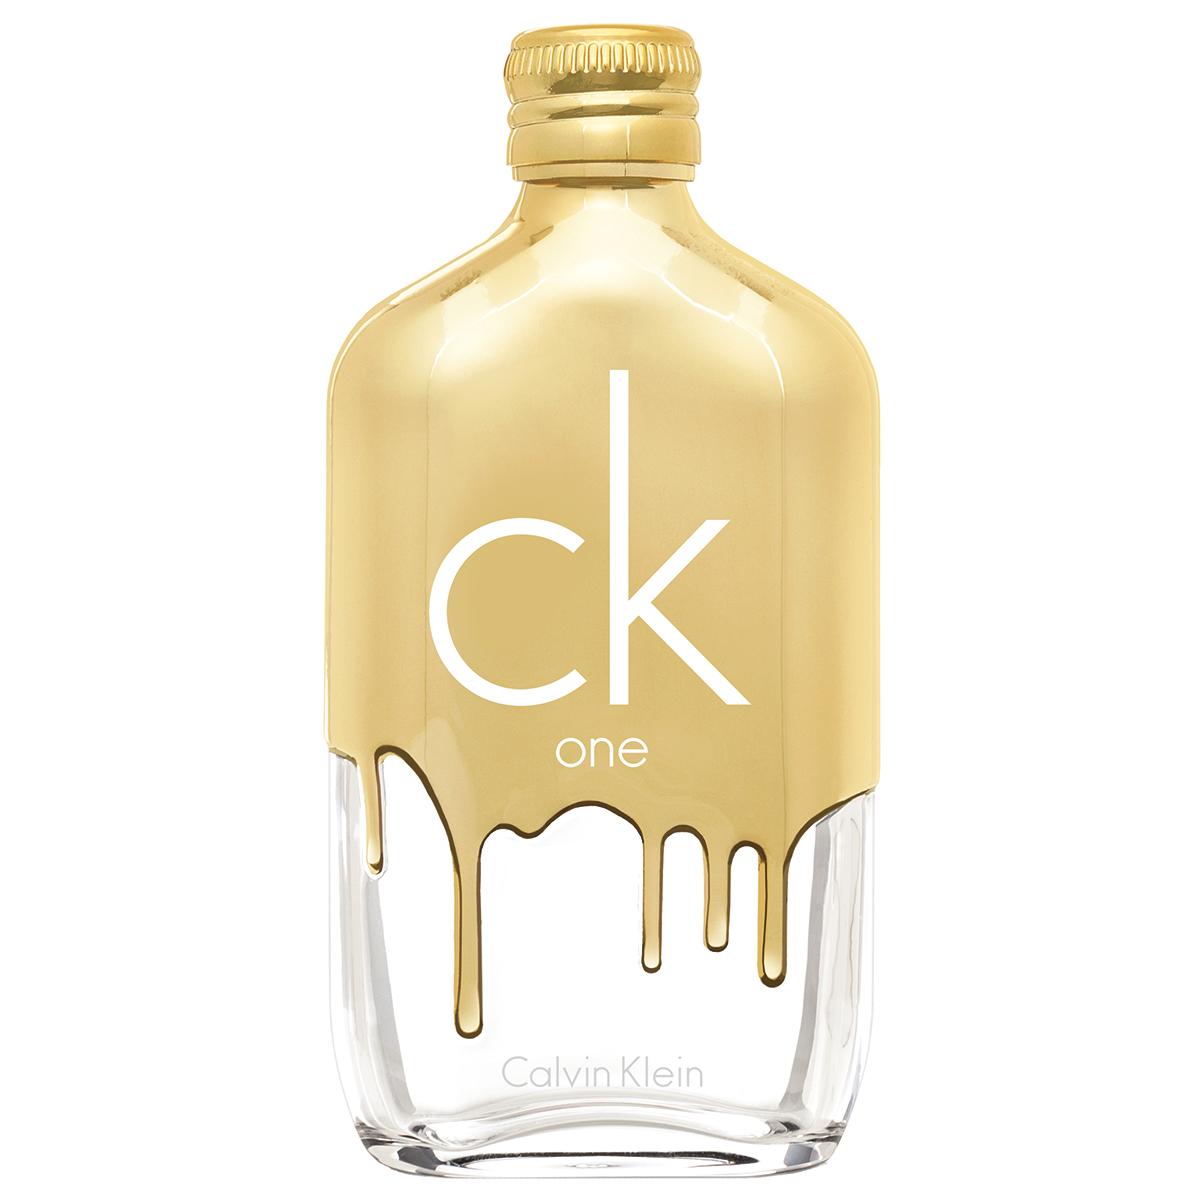 ?Calvin Klein - CK One Gold EDT 100 ml